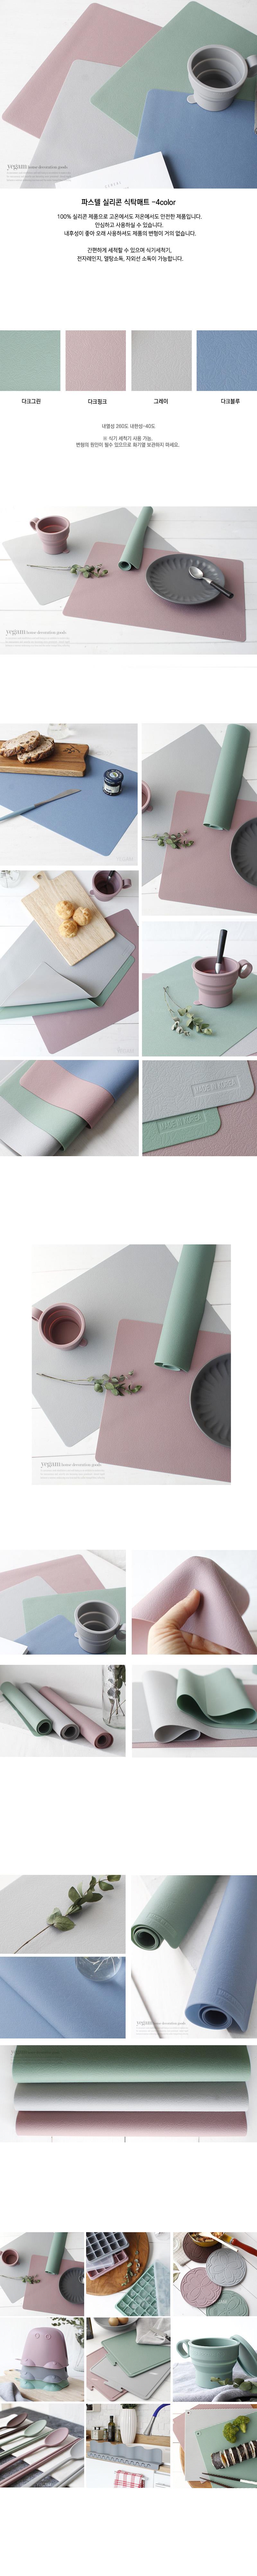 파스텔 실리콘 식탁매트(4color) - 체리하우스, 7,000원, 식탁, 식탁매트